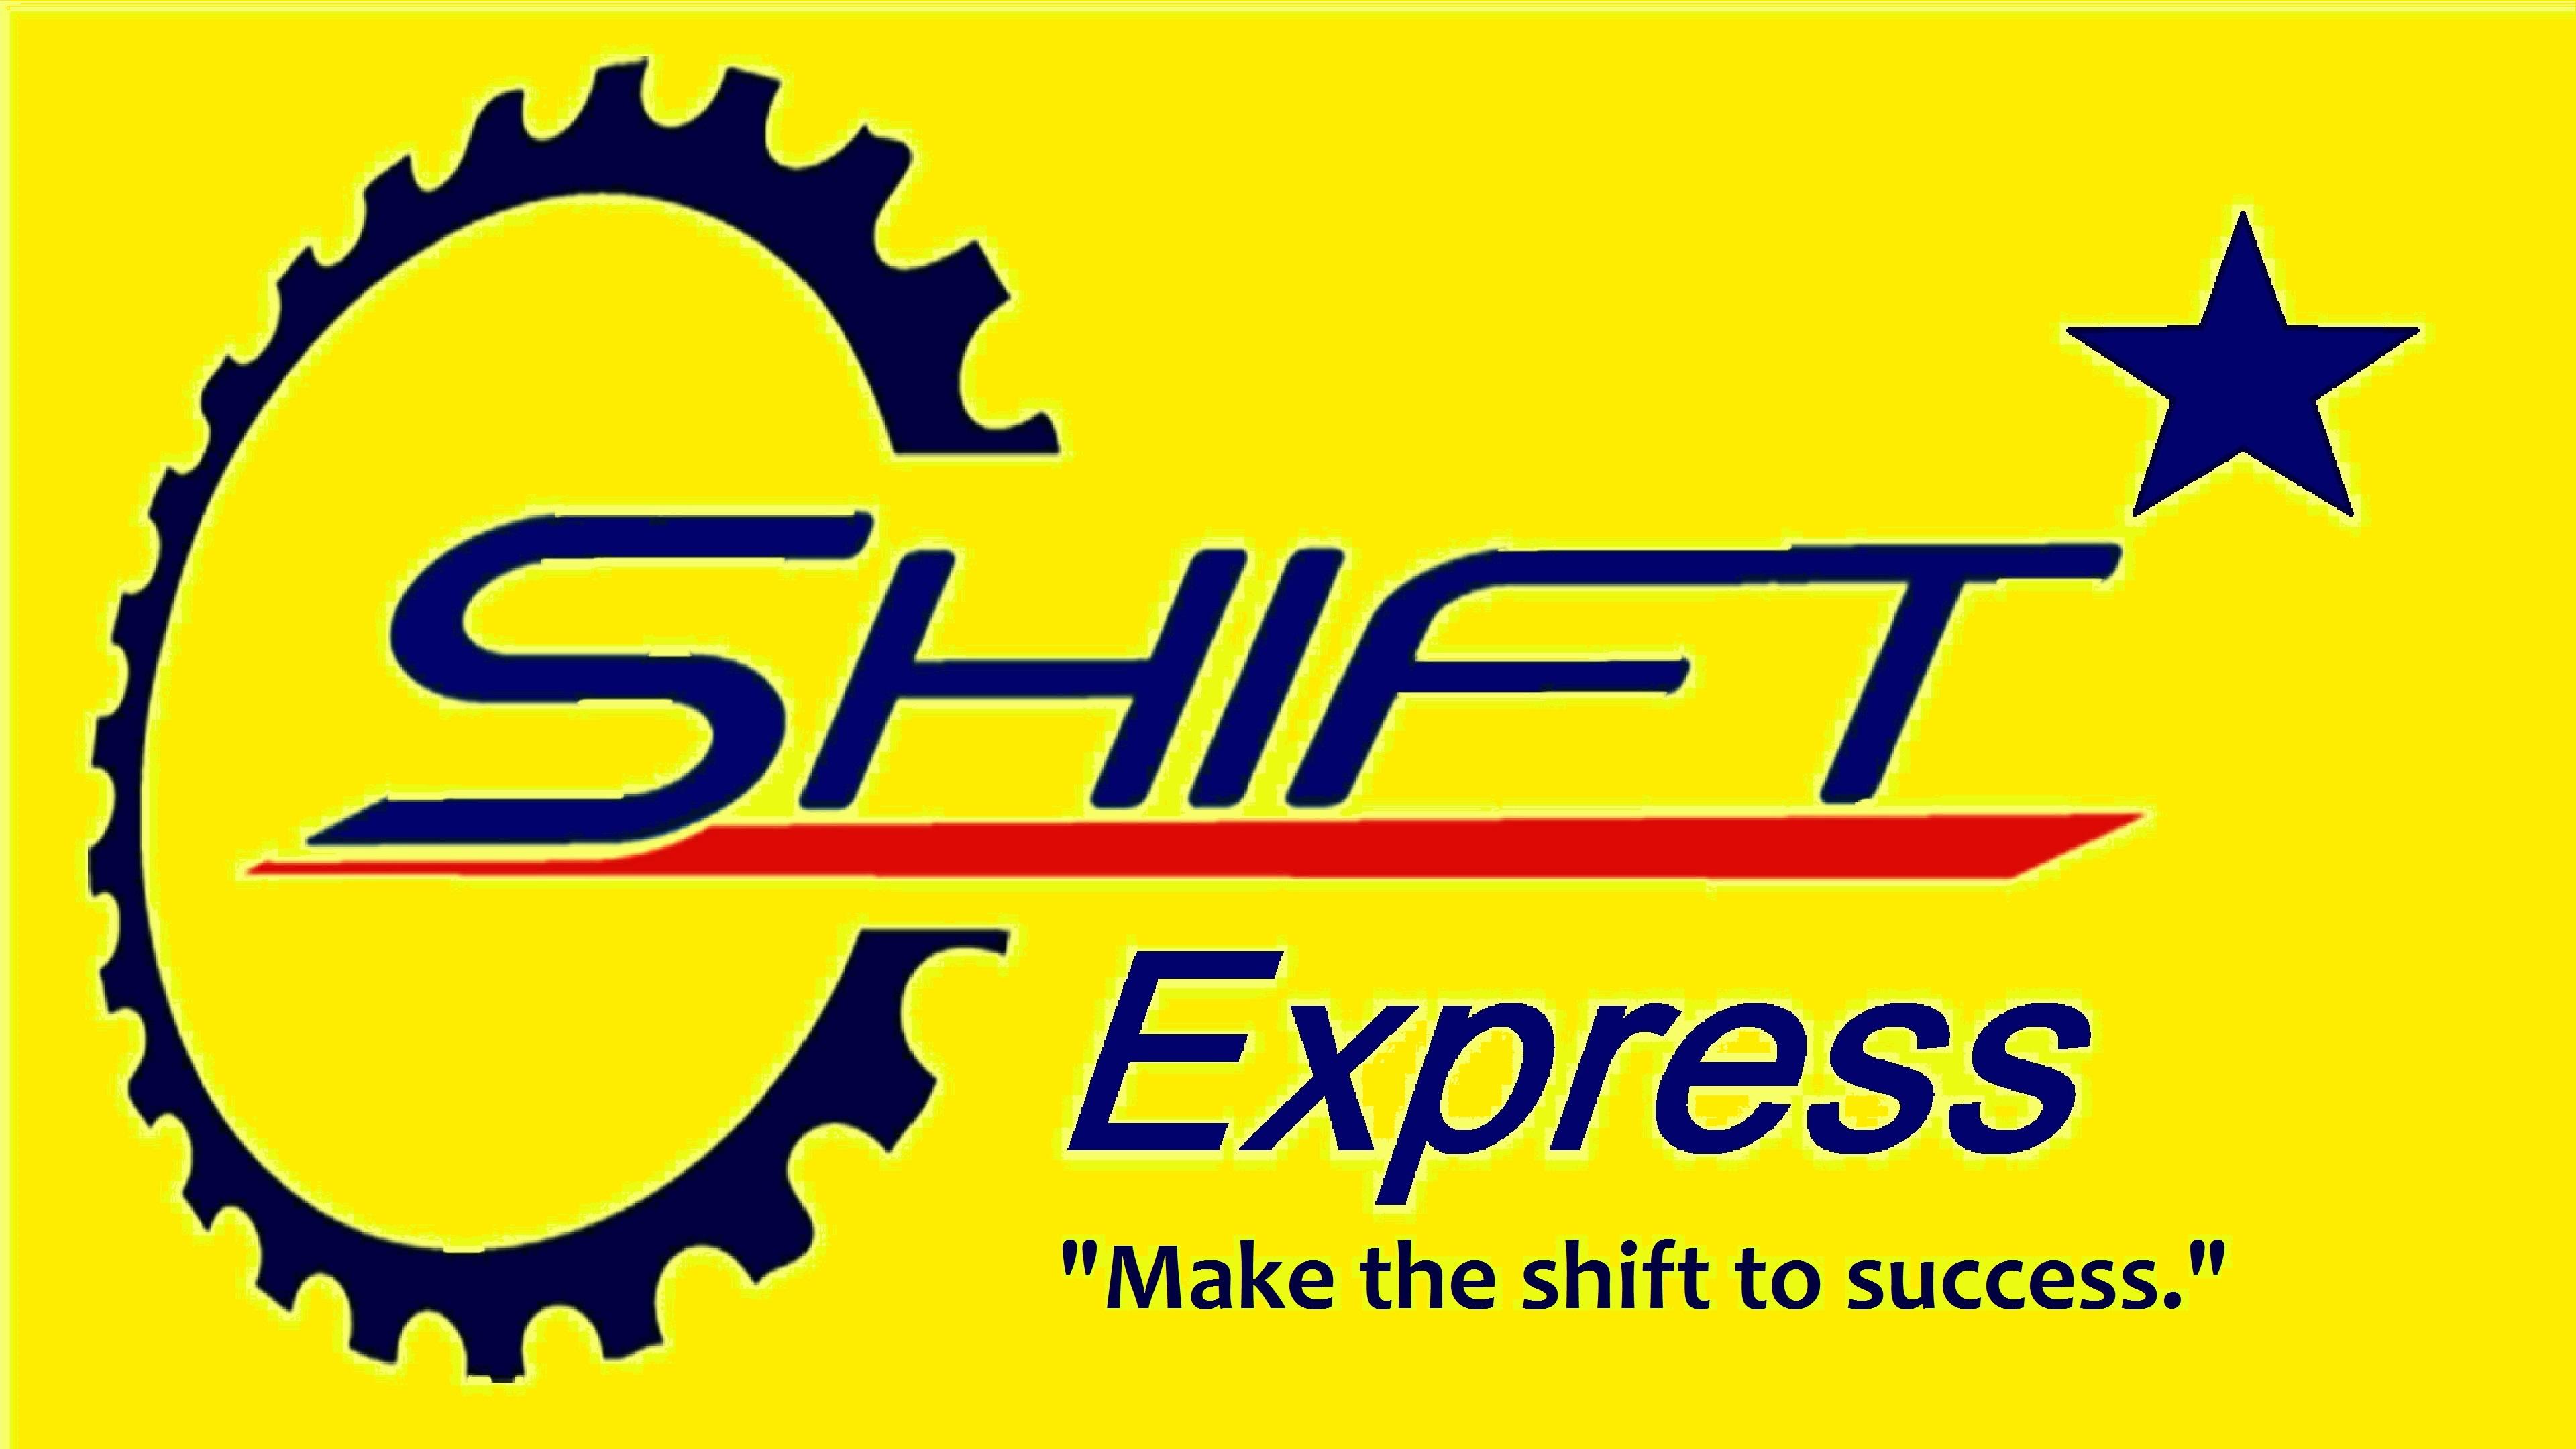 SHIFT Express Logistics